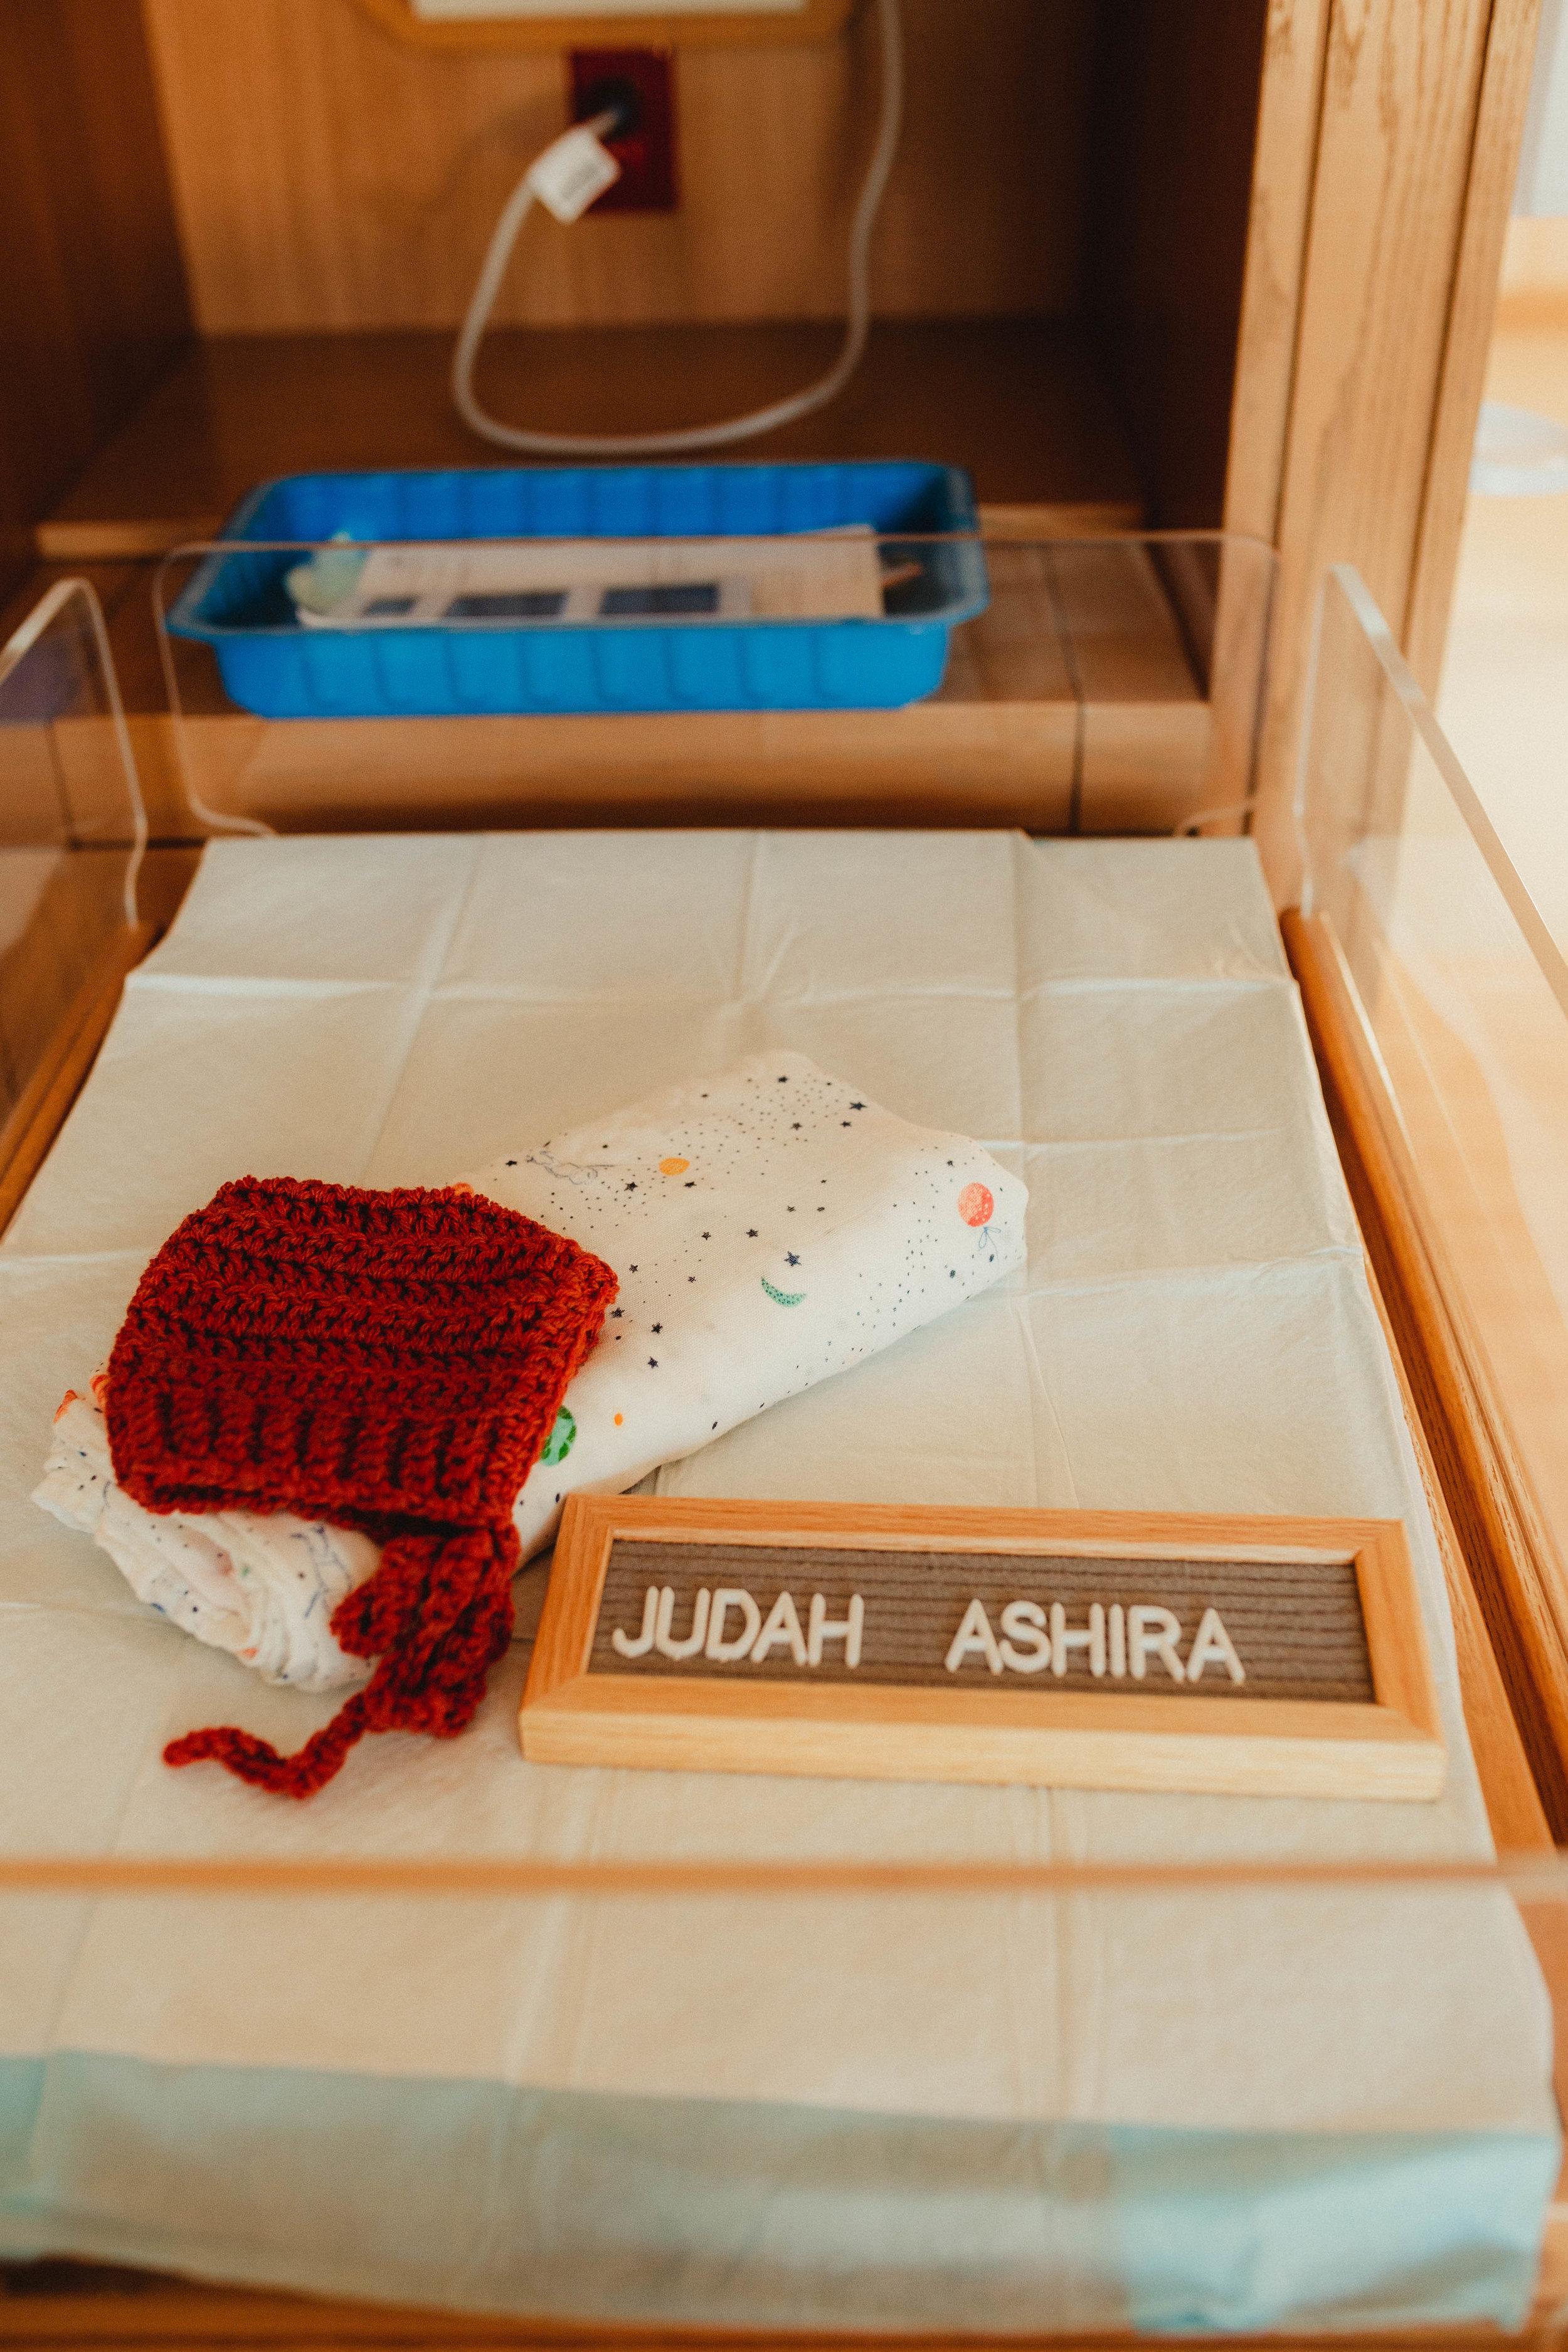 Ashira-85.jpg